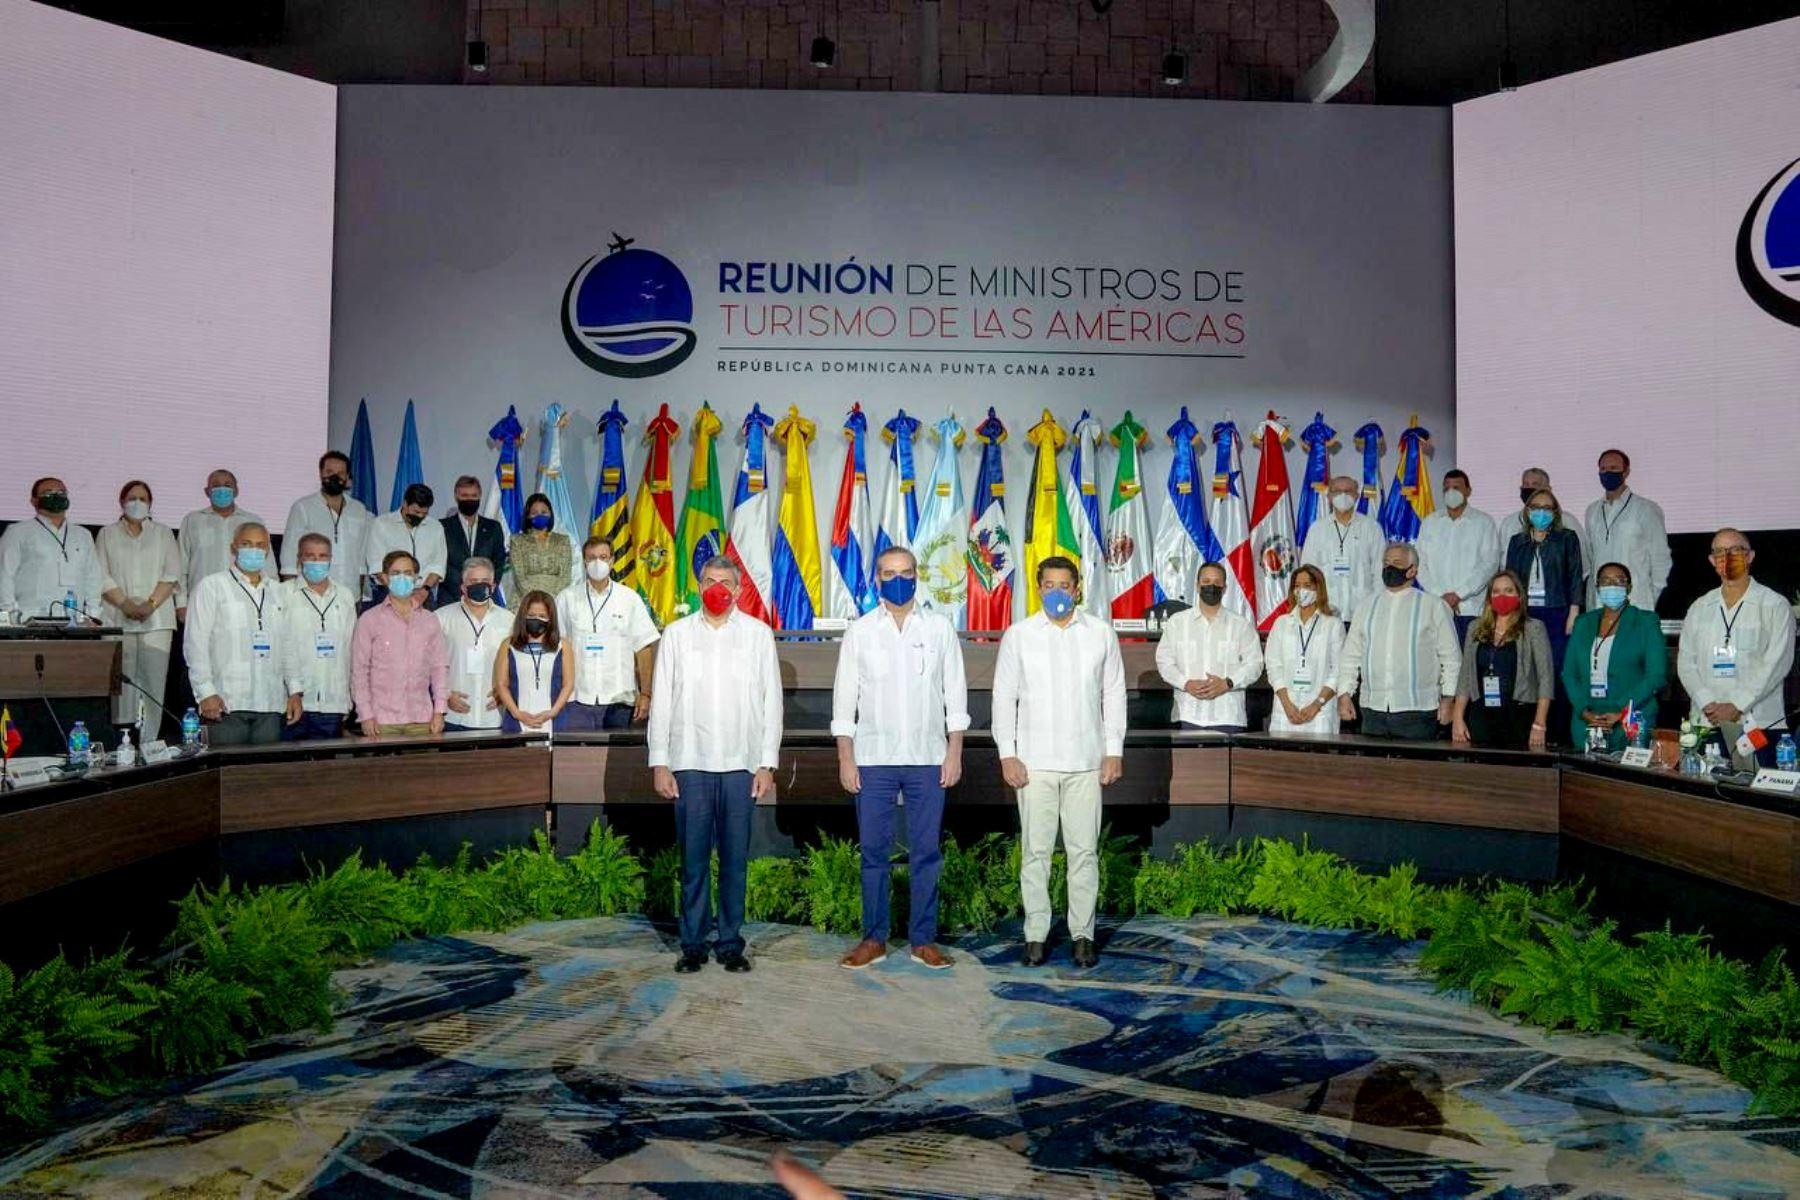 Los líderes de turismo en las Américas se comprometieron a reactivar el turismo de manera conjunta. Foto: Difusión